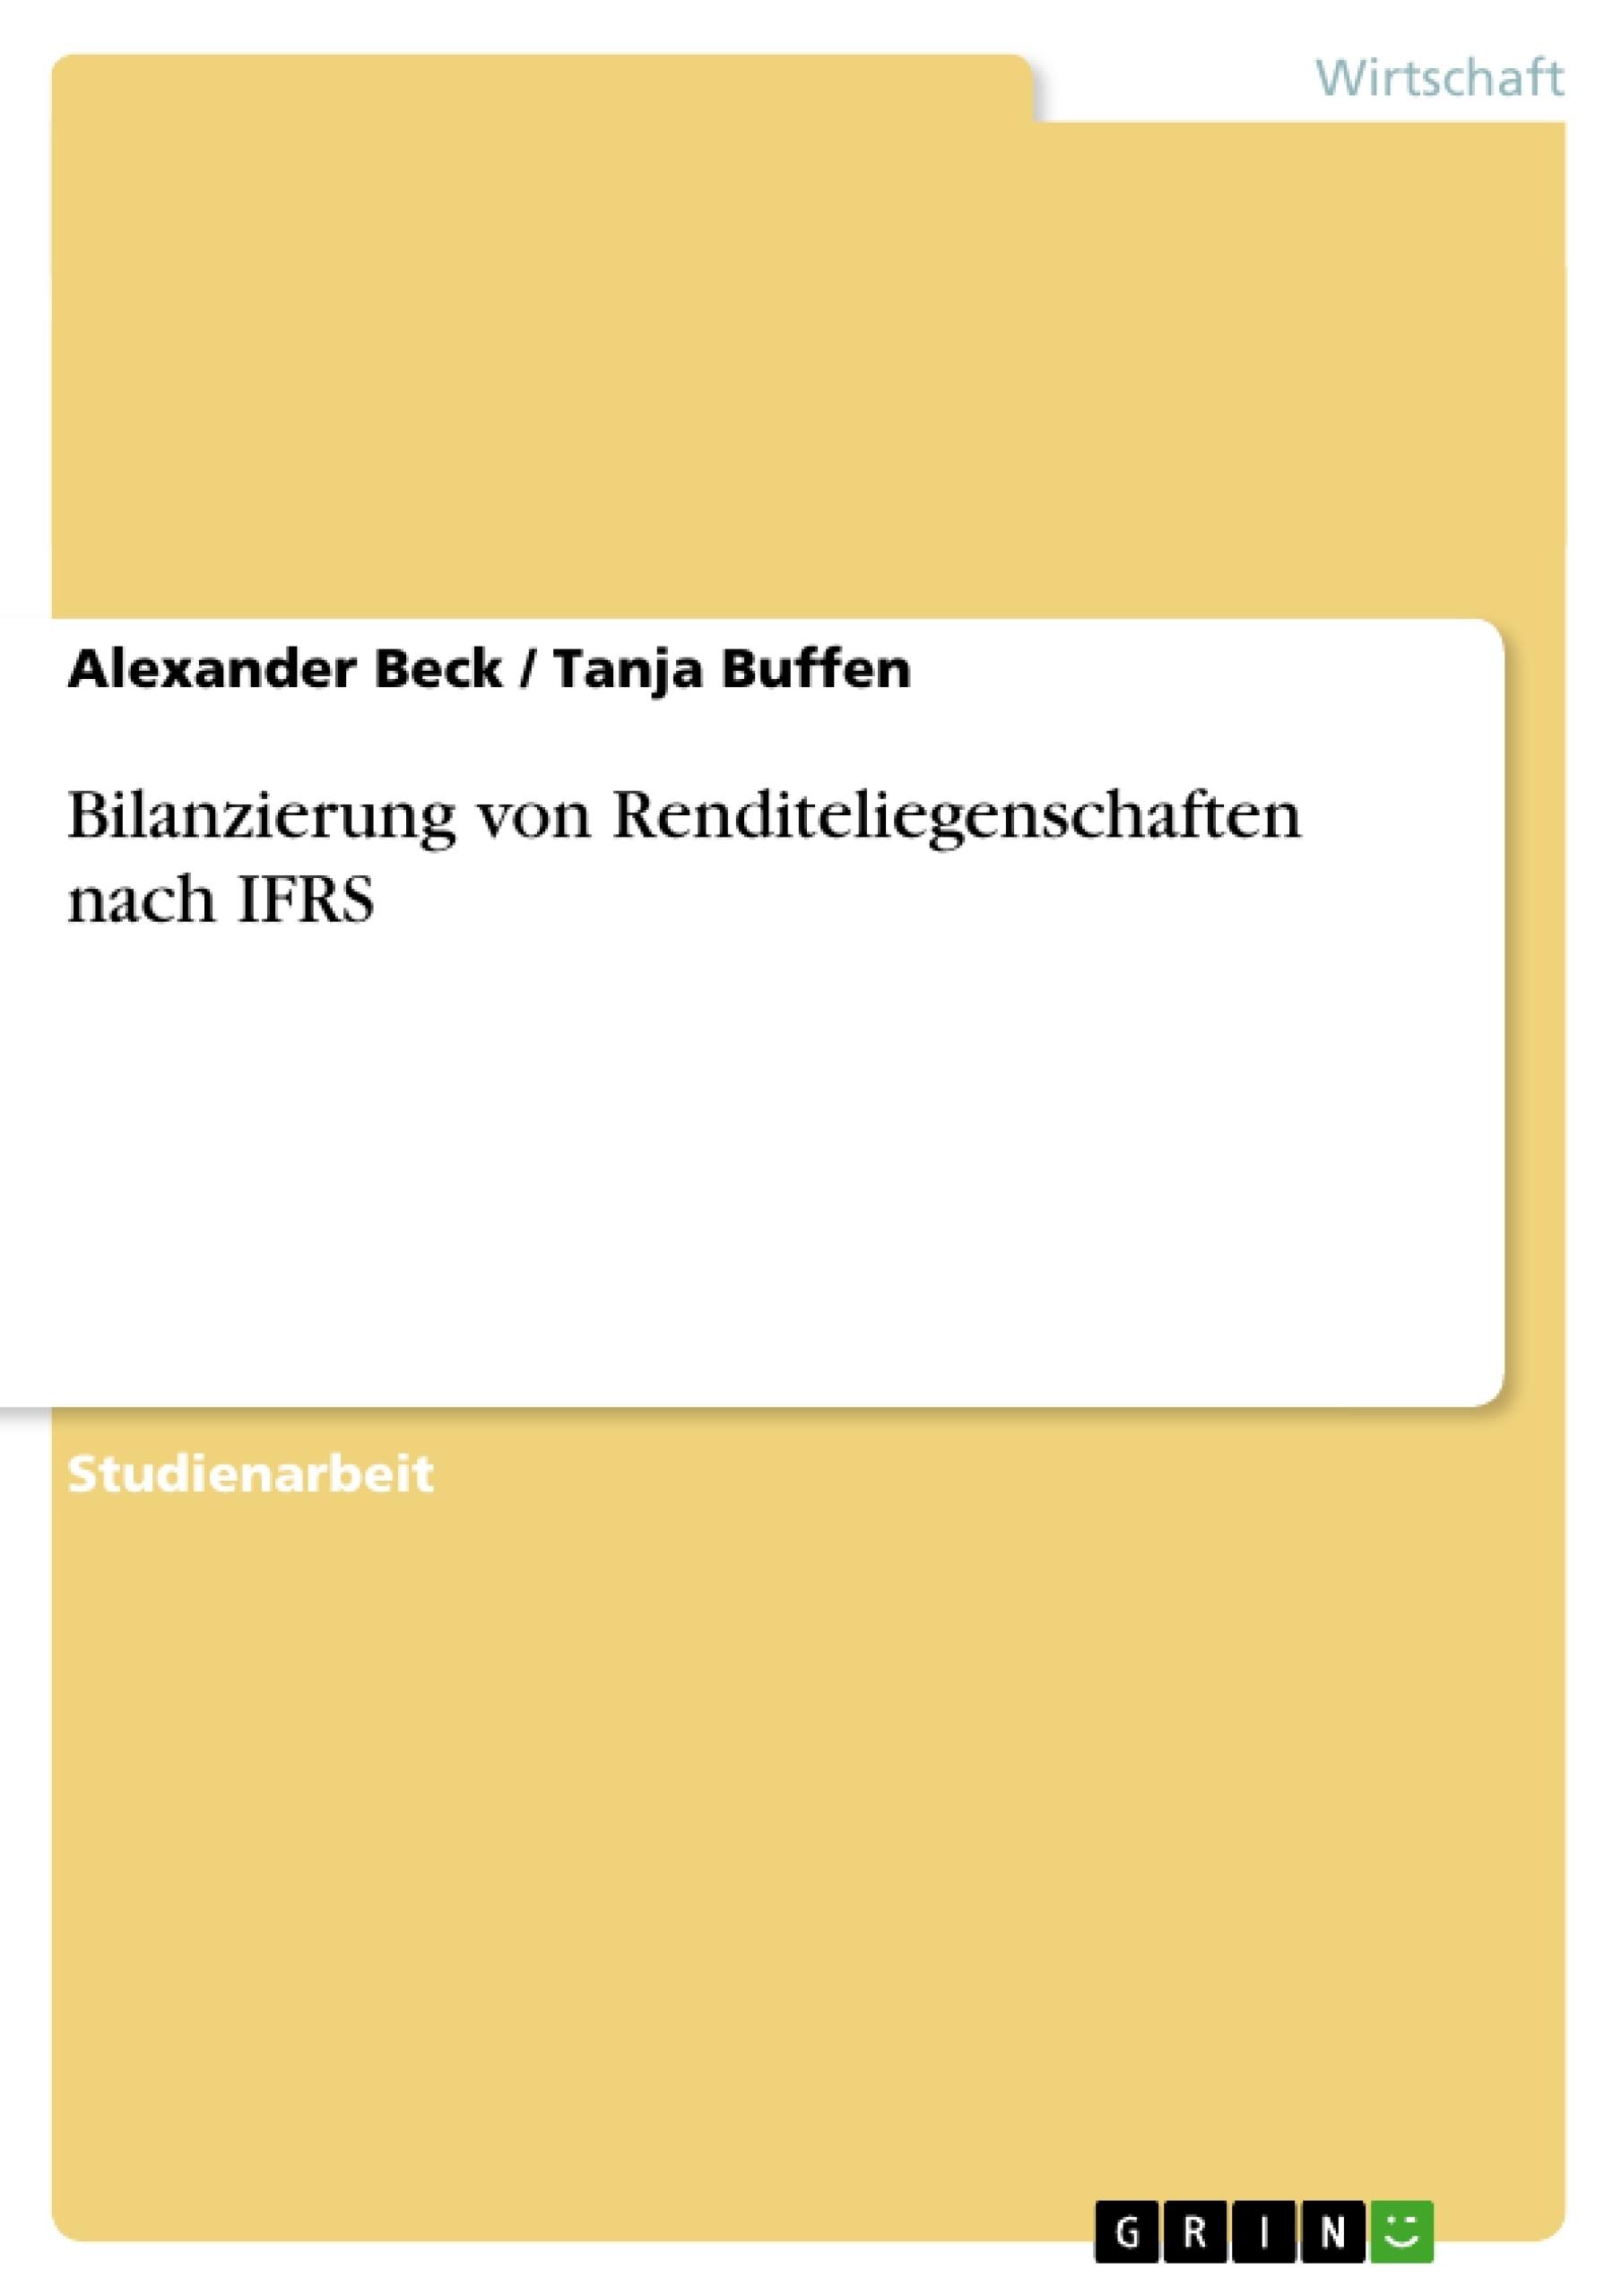 Titel: Bilanzierung von Renditeliegenschaften nach IFRS